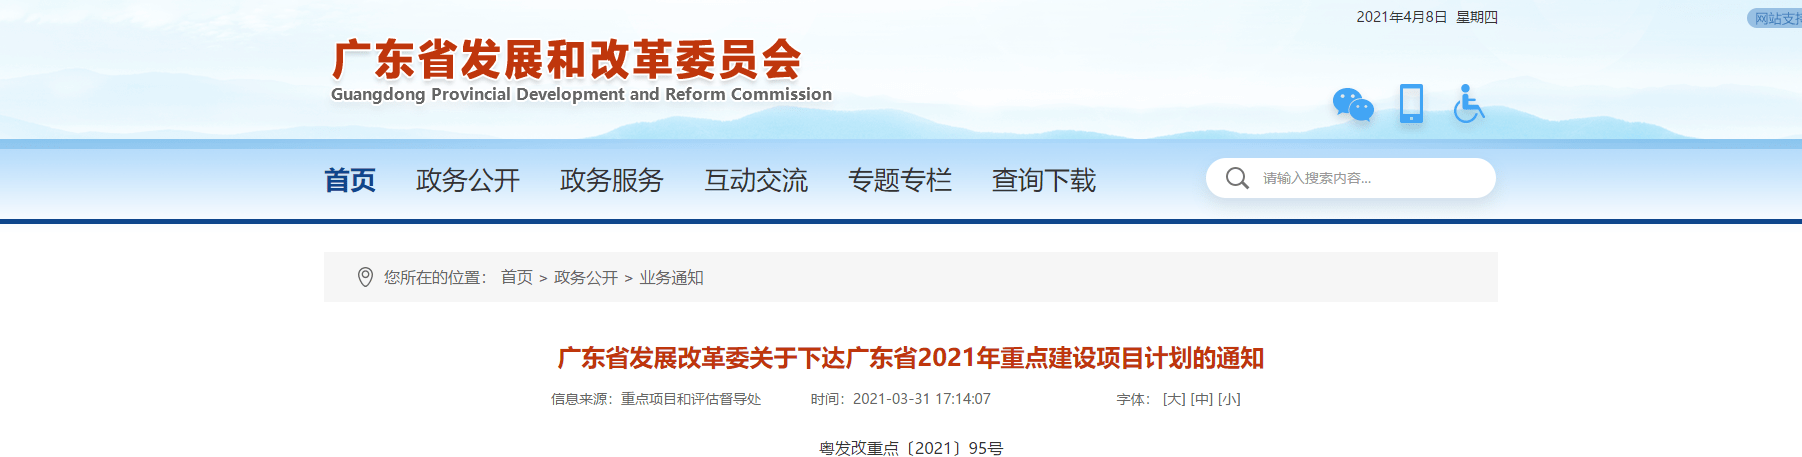 总投资超4145亿元!广东公布今年59个重点文旅项目